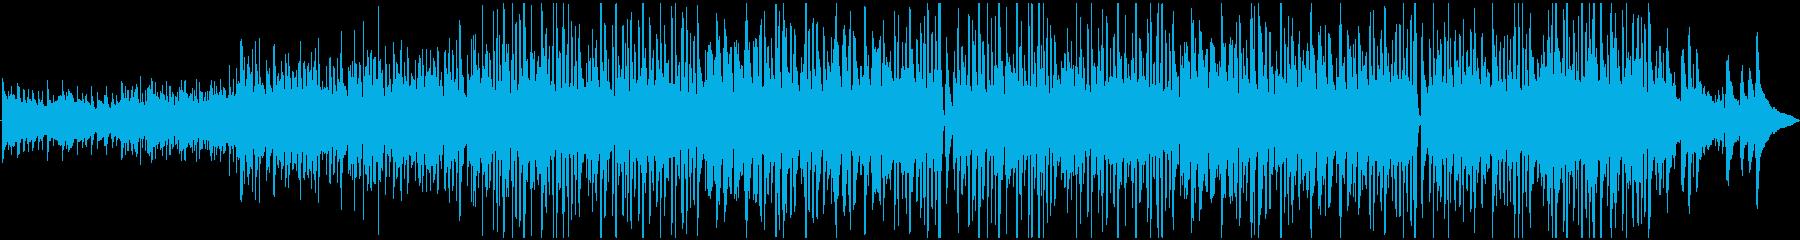 口笛が旋律の軽快なポップスの再生済みの波形